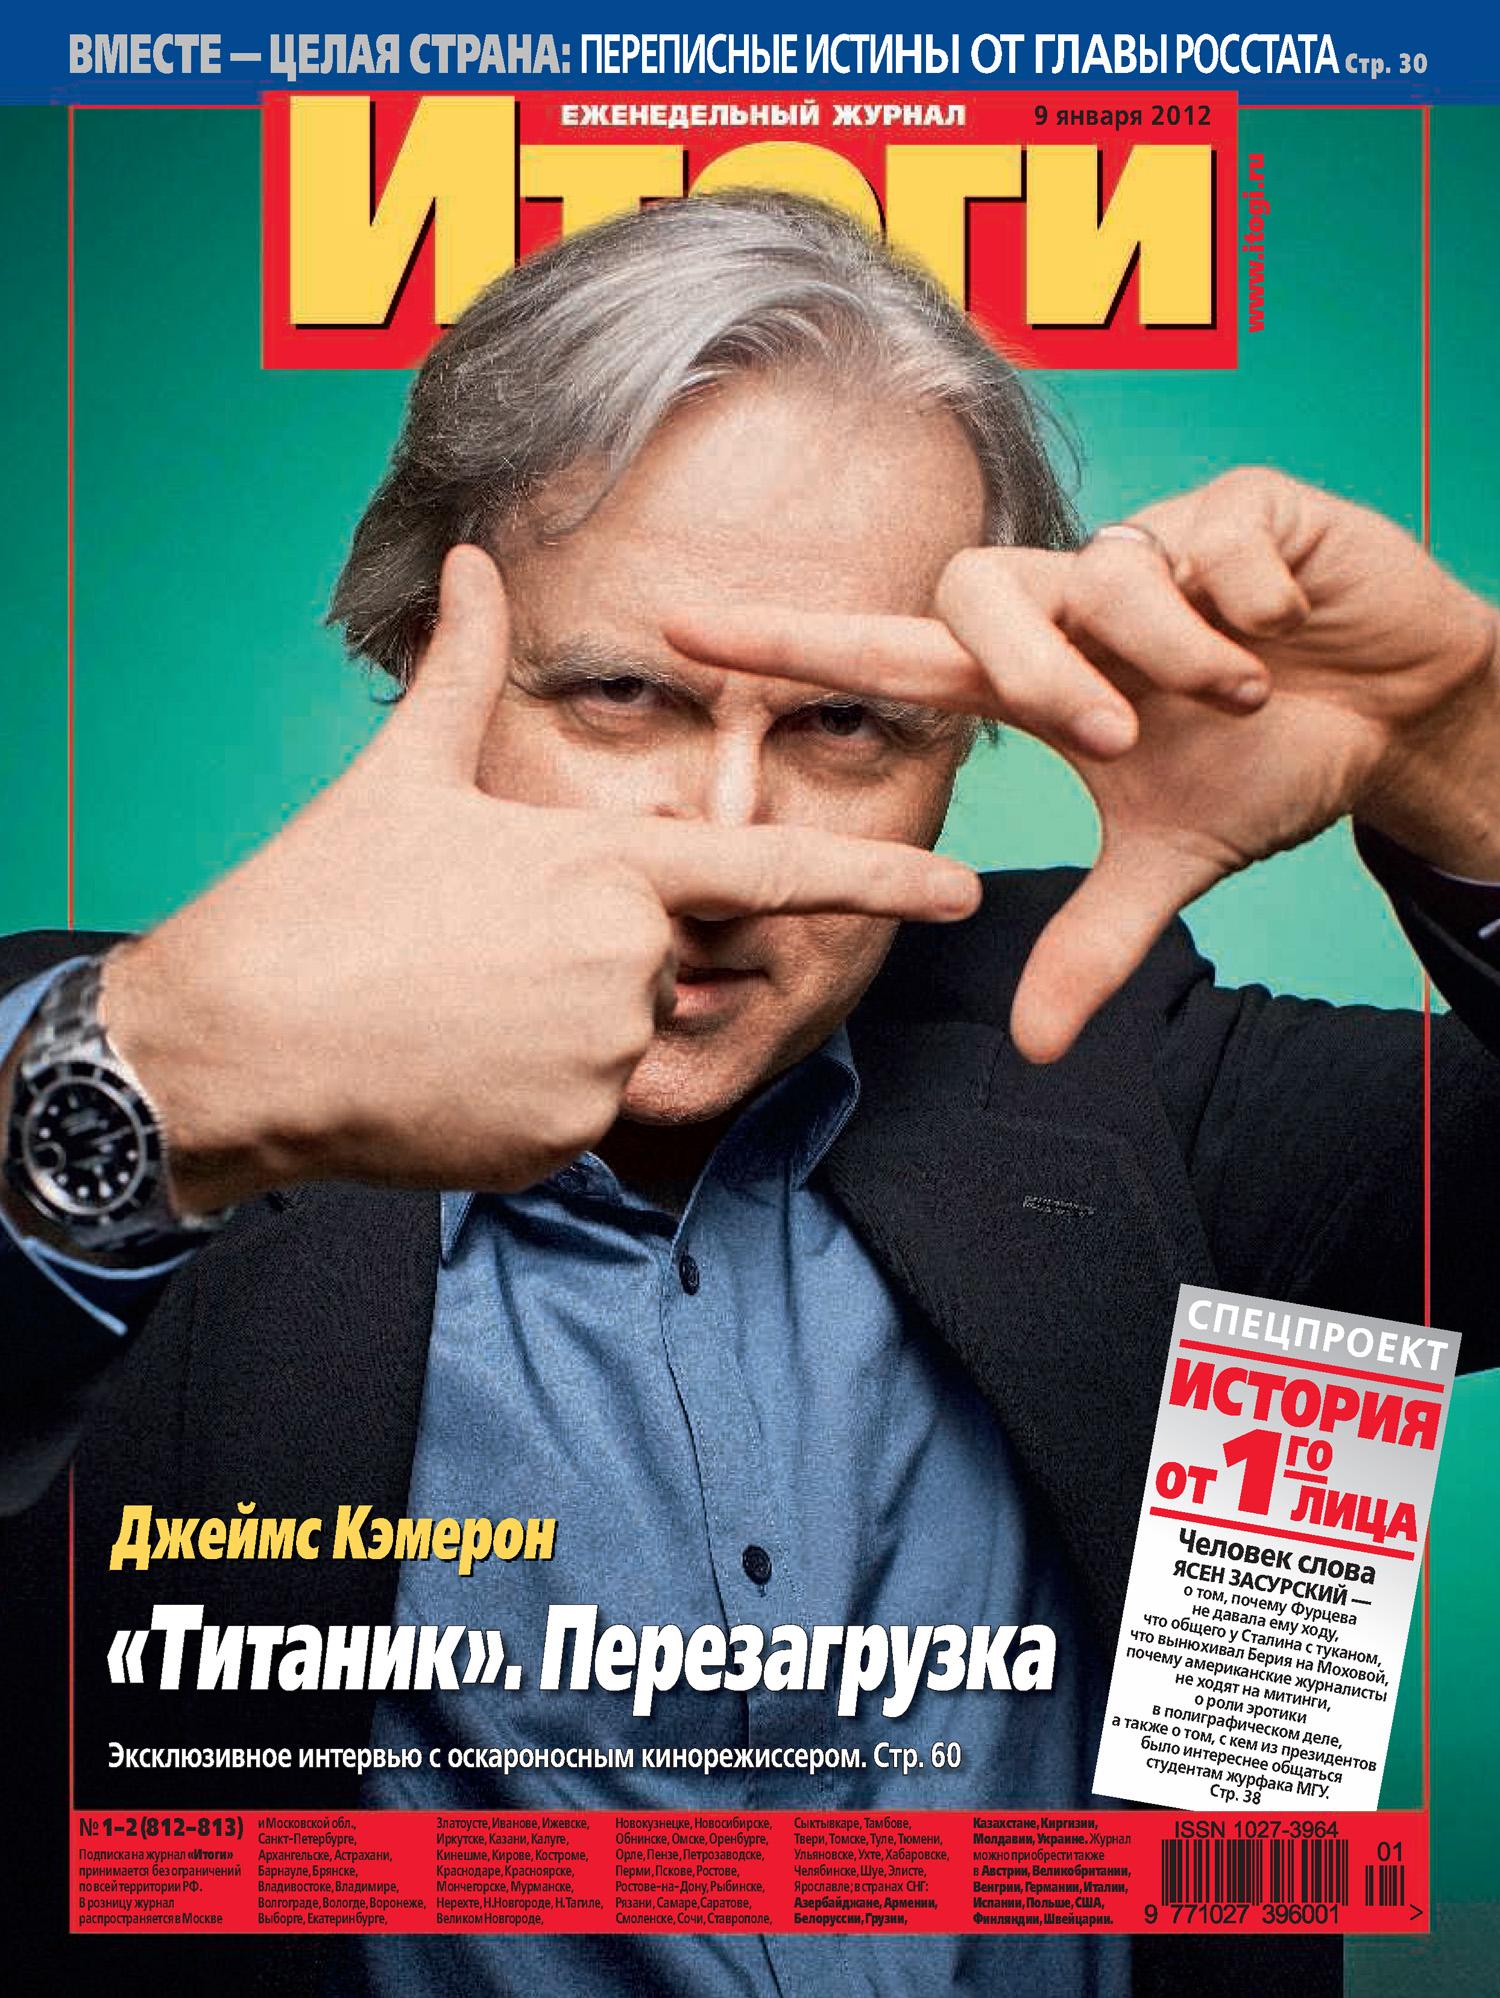 Журнал «Итоги» №1-2 (812-813) 2012